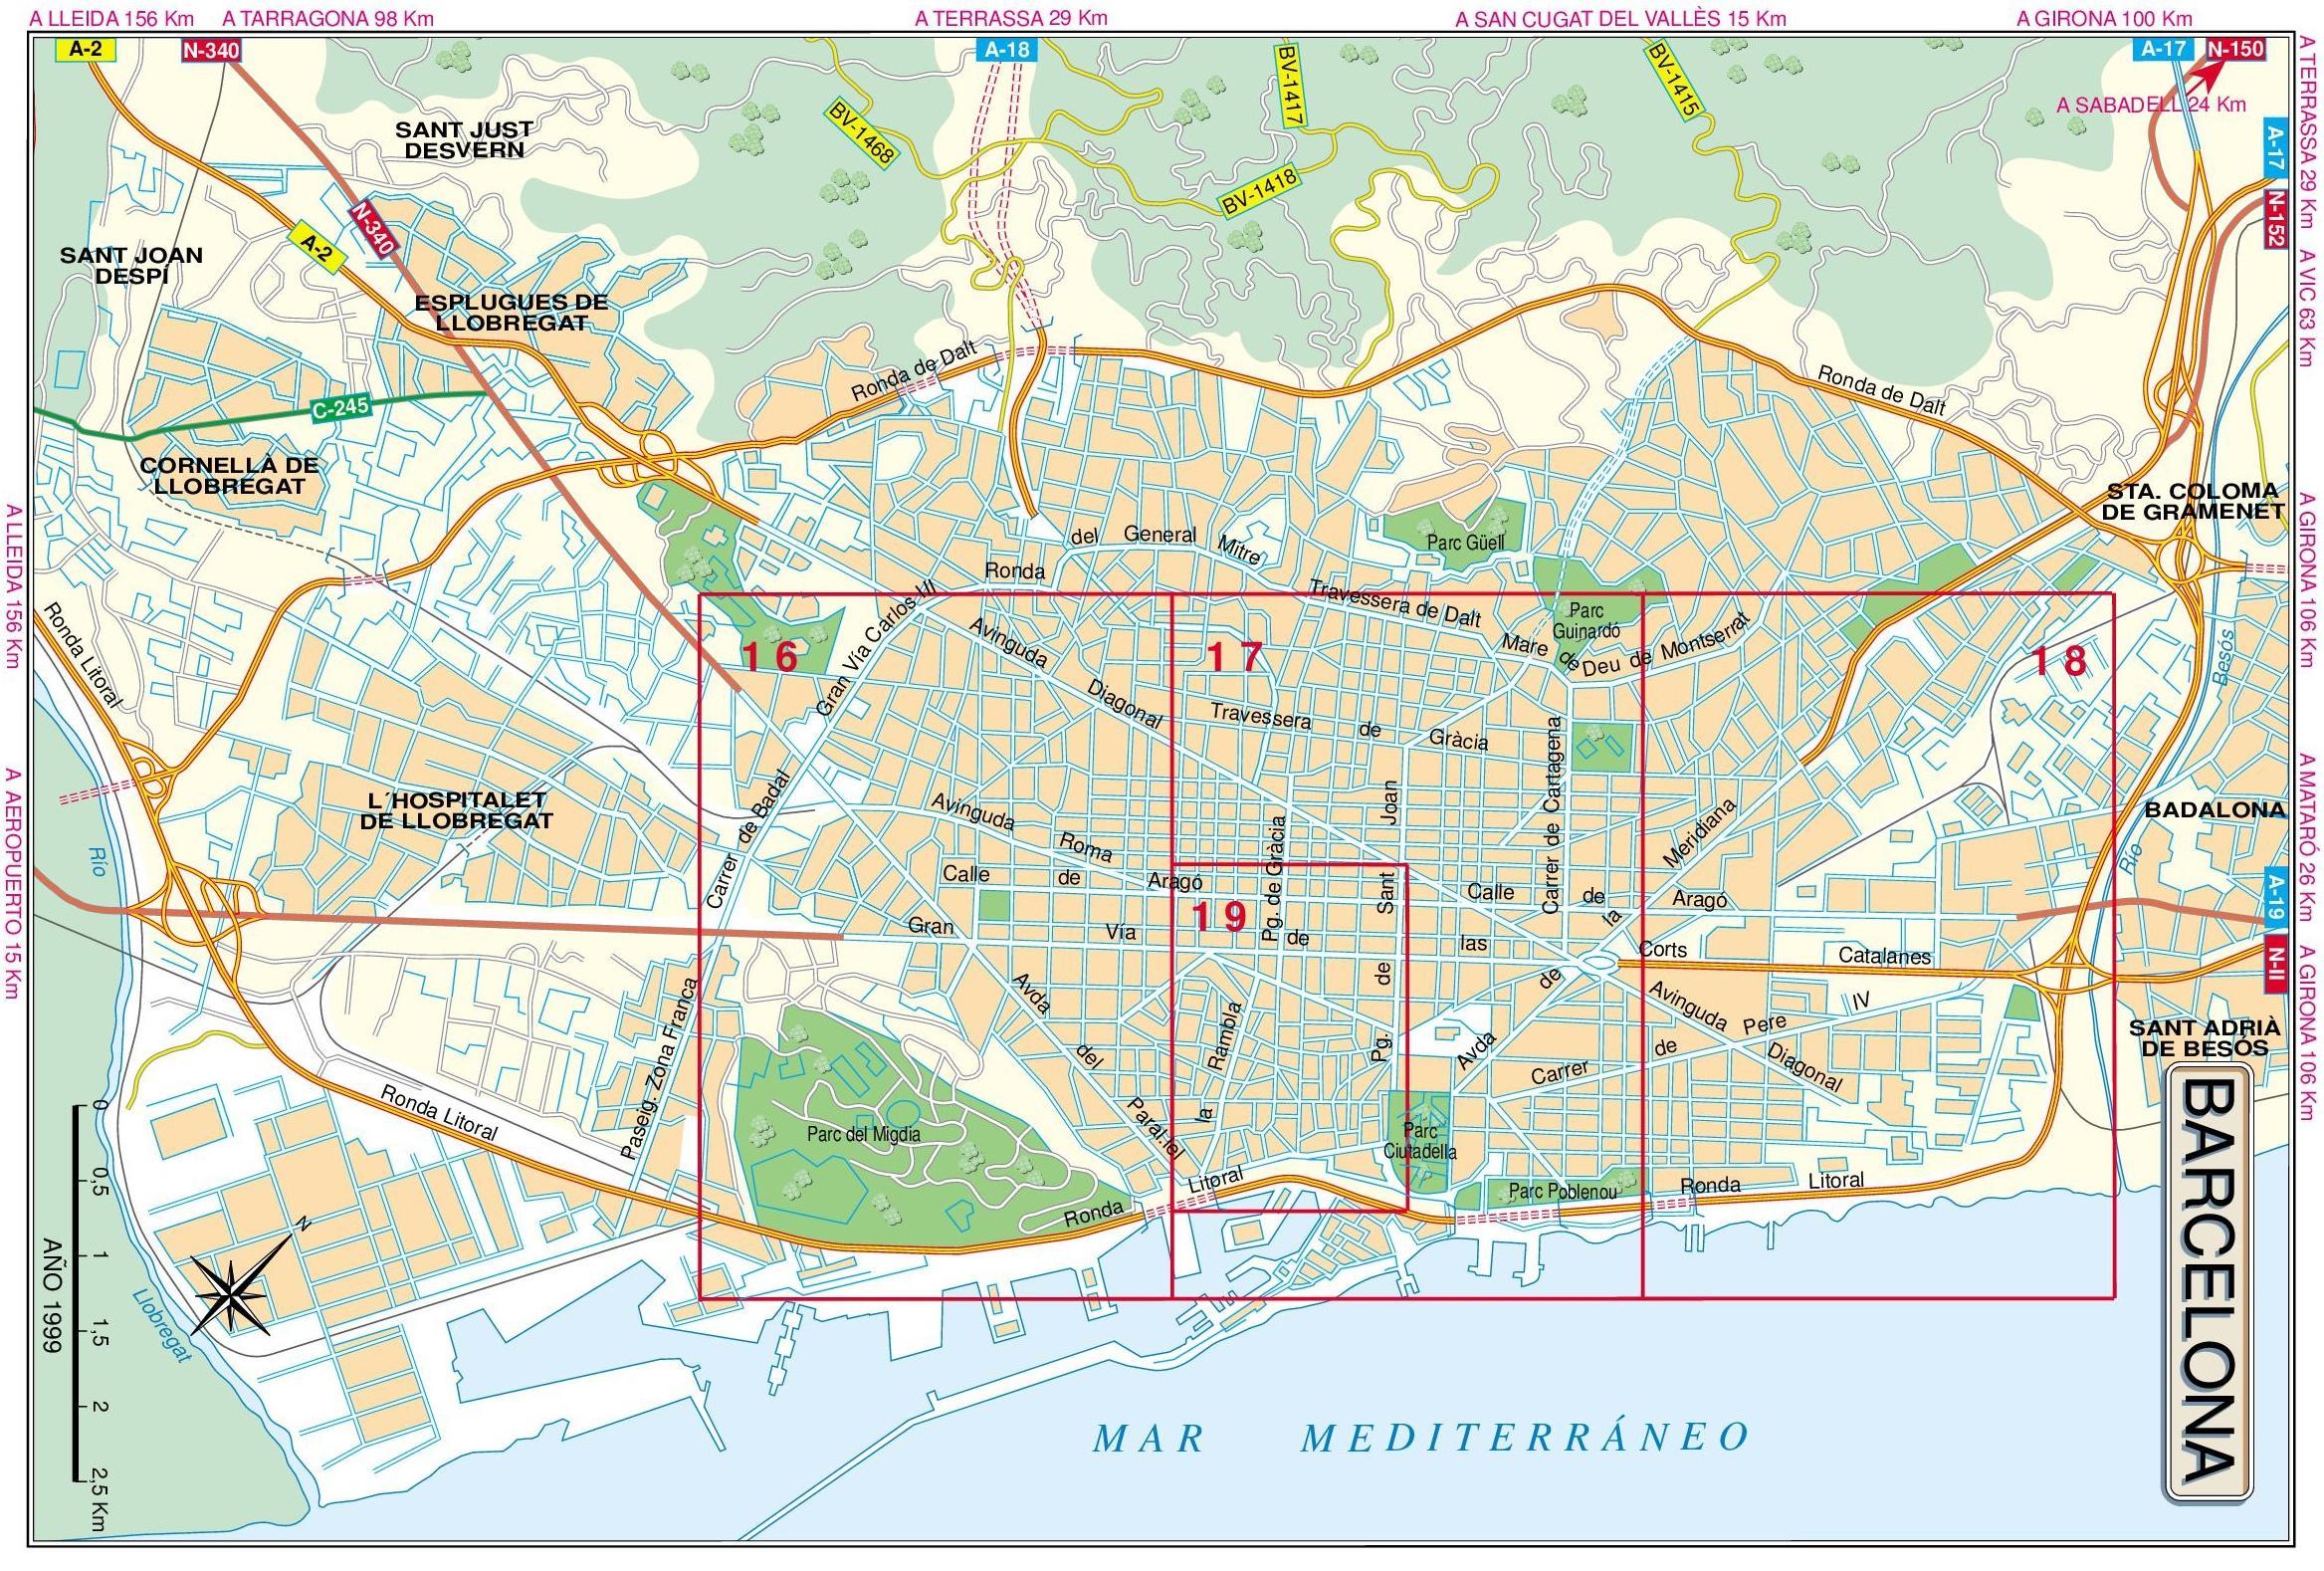 Cartina Metro Barcellona.Barcellona Mappa Stradale Mappa Di Barcellona Strada Catalogna Spagna